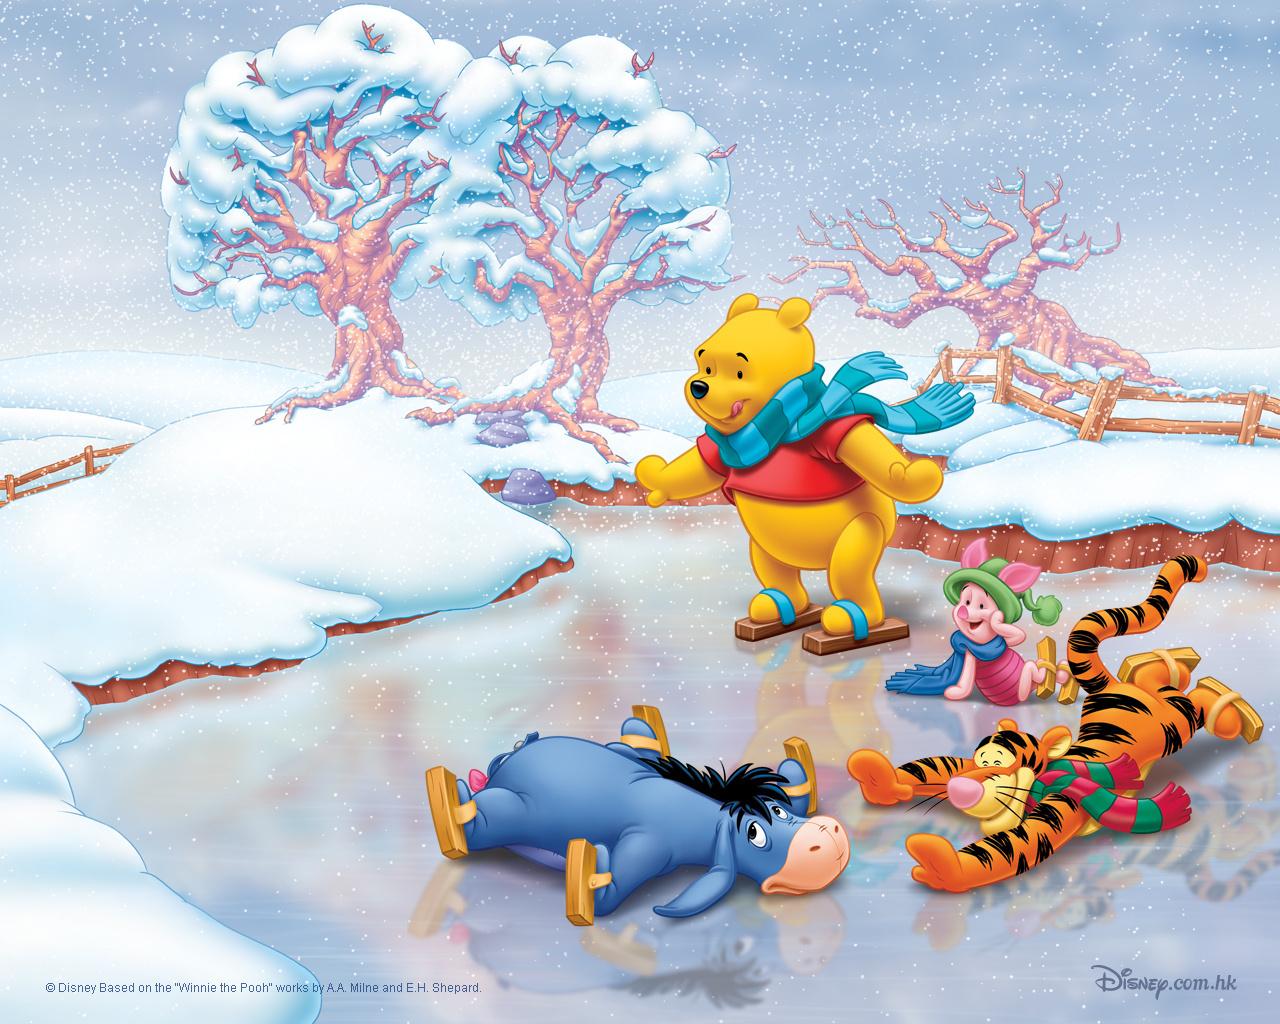 22916 Salvapantallas y fondos de pantalla Dibujos Animados en tu teléfono. Descarga imágenes de Dibujos Animados, Walt Disney, Winnie The Pooh gratis